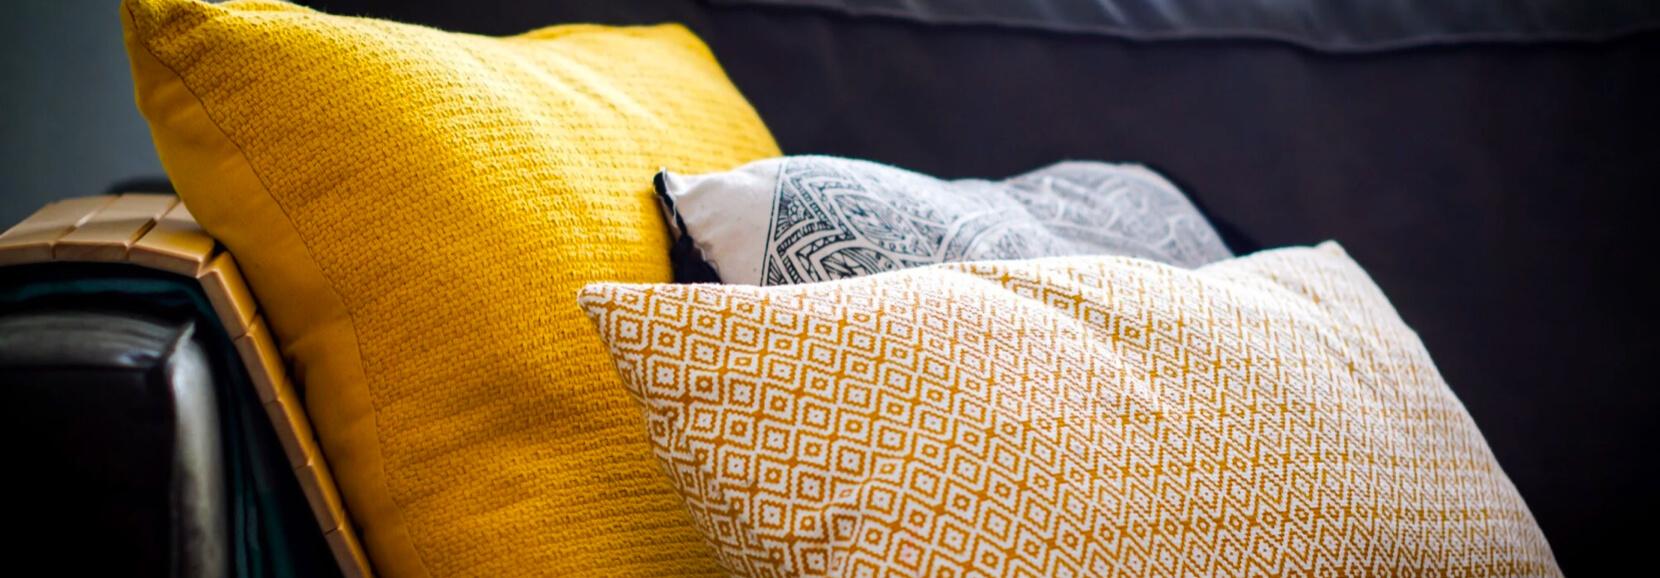 assortment of cushions